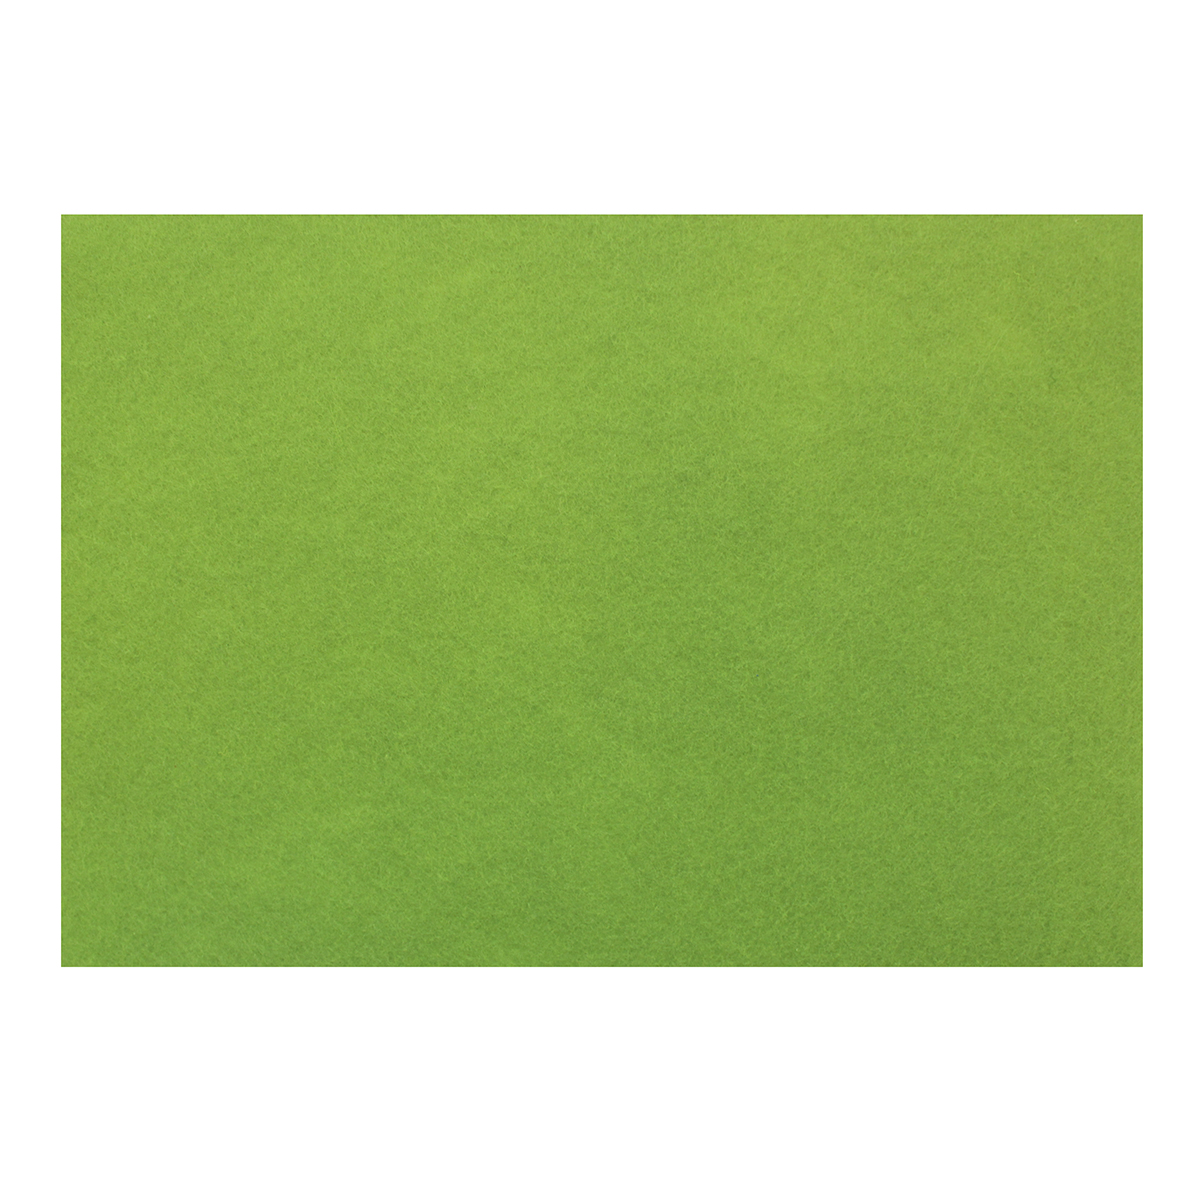 Фетр листовой Астра, цвет: салатовый, 20 х 30 см, 10 шт фетр листовой декоративный астра божьи коровки 20 х 30 см 3 шт